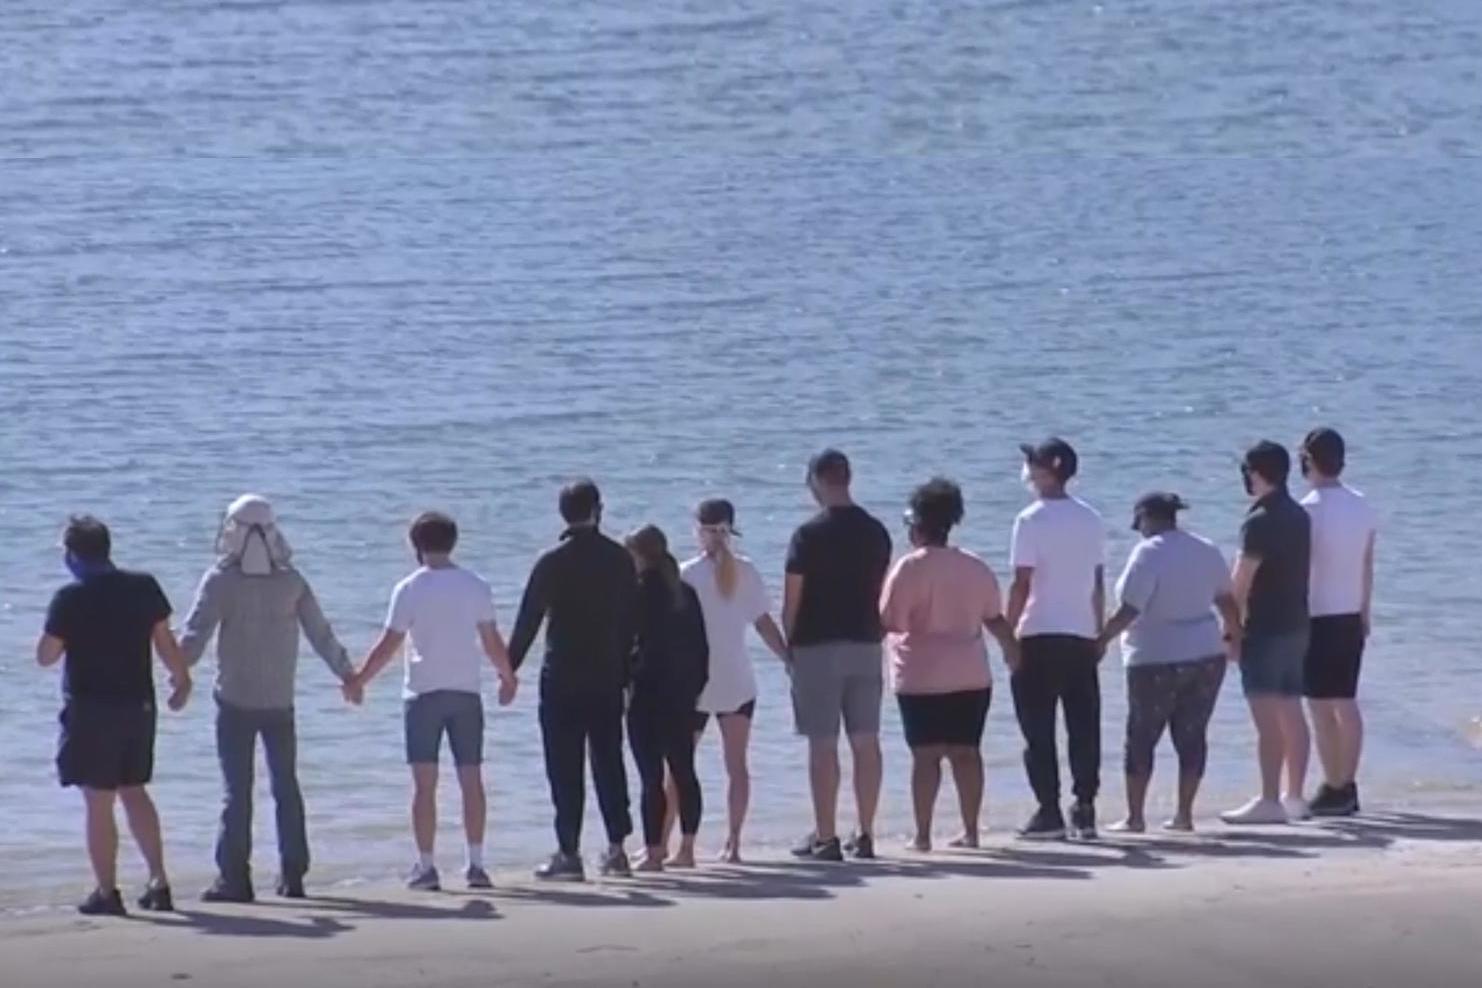 El elenco de Glee despide a Naya Rivera en Lago Piru, con foto de Shutterstock